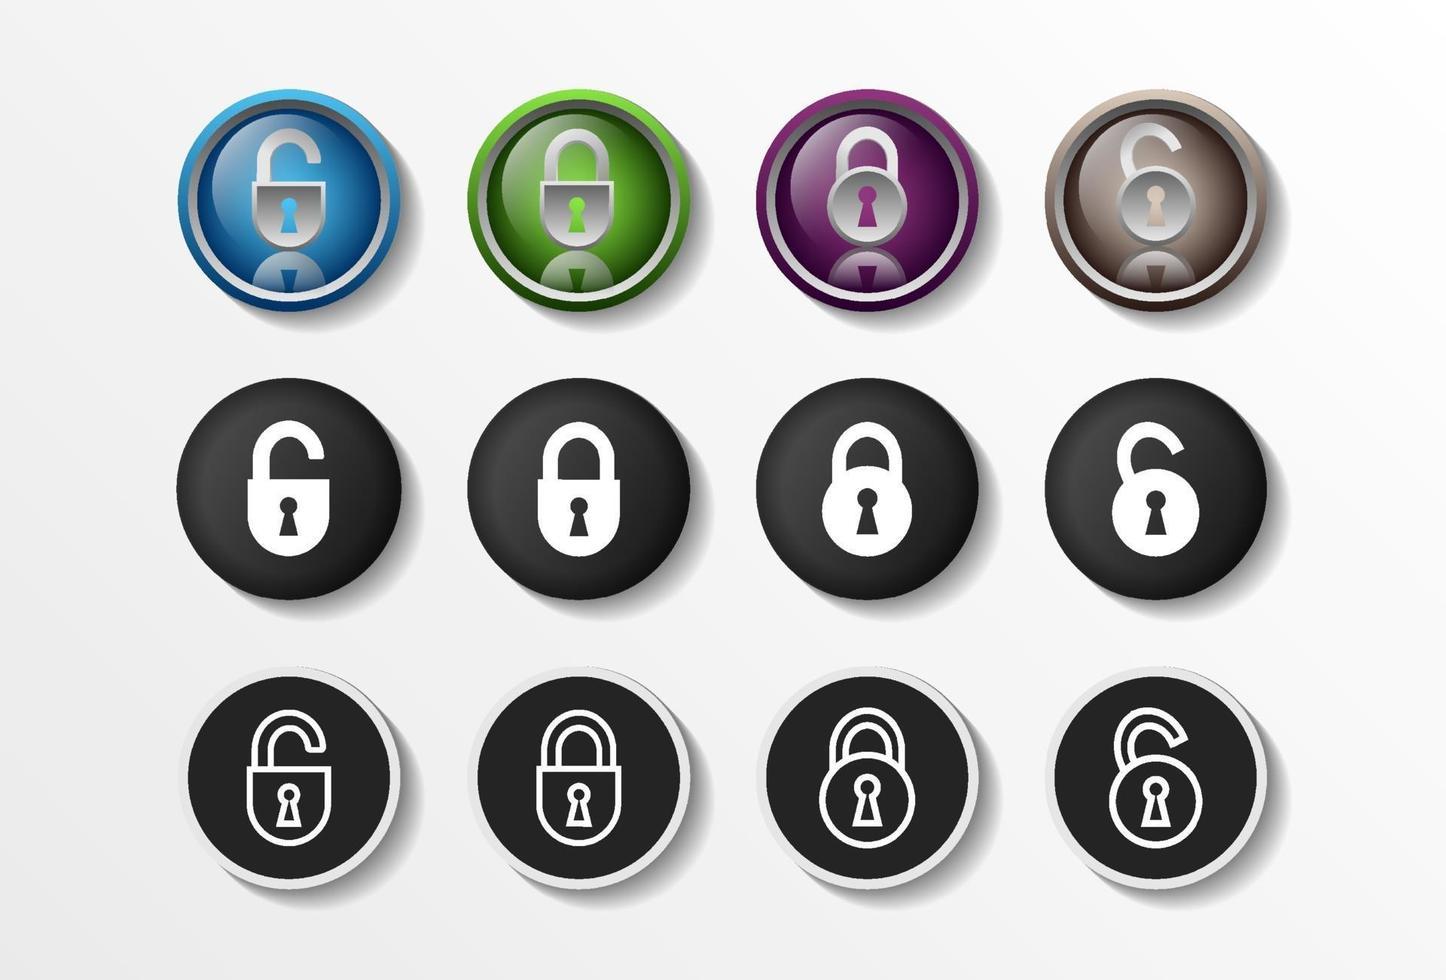 Ícones de bloqueio ajustados realistas fechados e abertos, ilustração vetorial de design plano de segurança em 4 opções de cores para web design e aplicativos móveis. ilustração vetorial. vetor